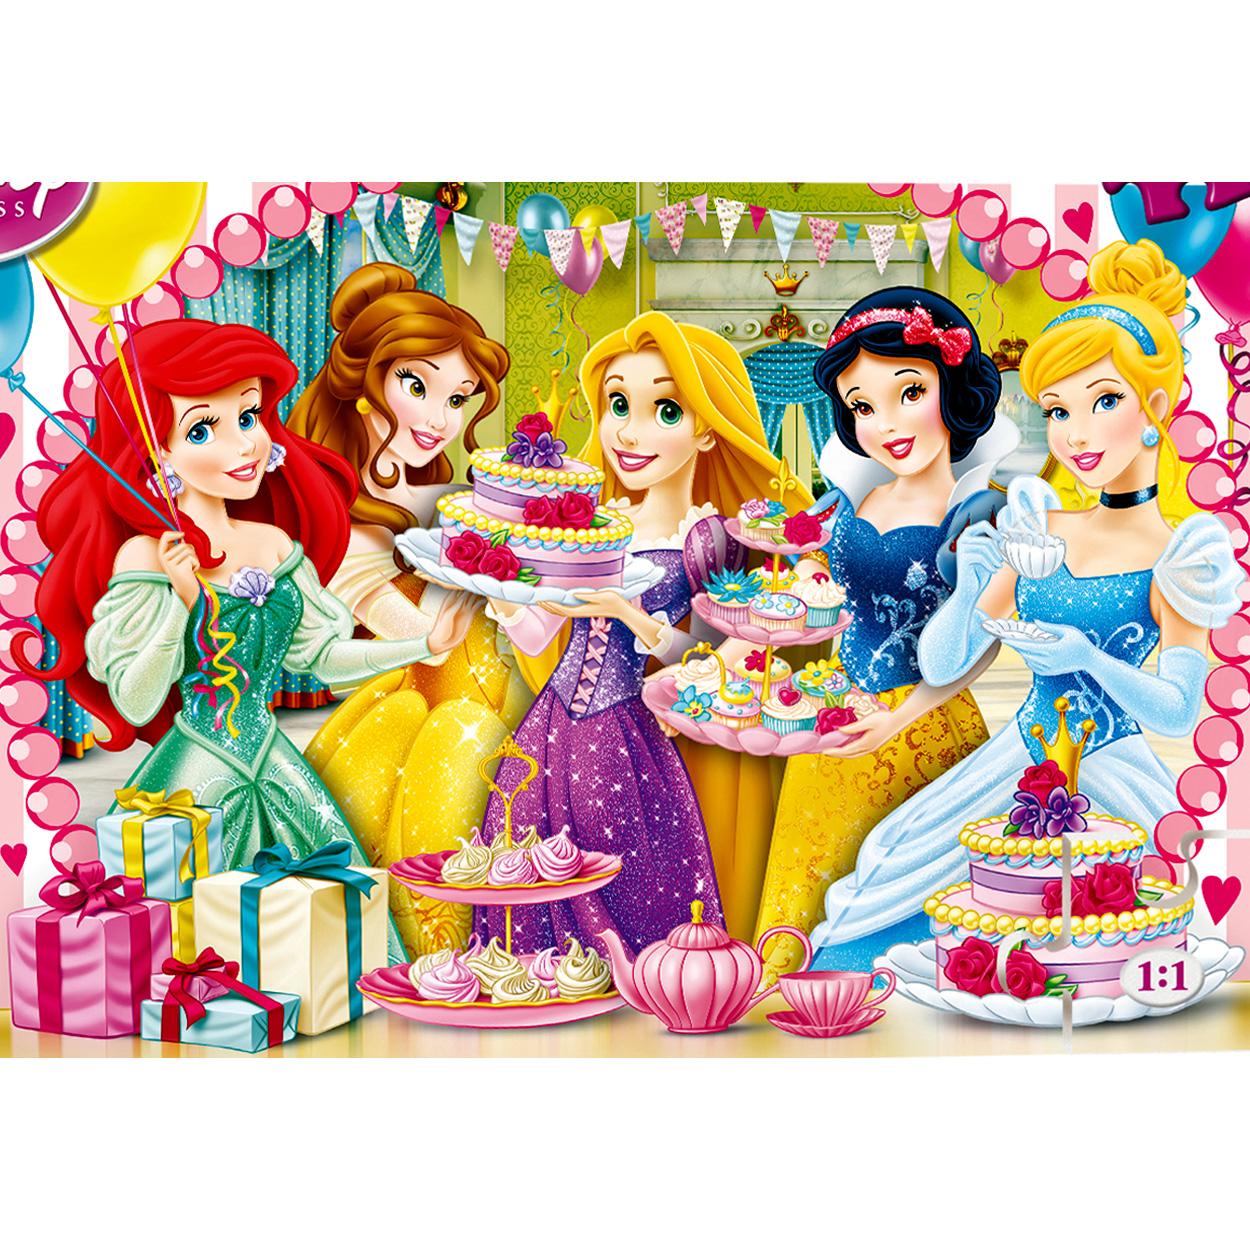 Clementoni Puzzle Disney Princesse Joyeux Anniversaire 2 X 20